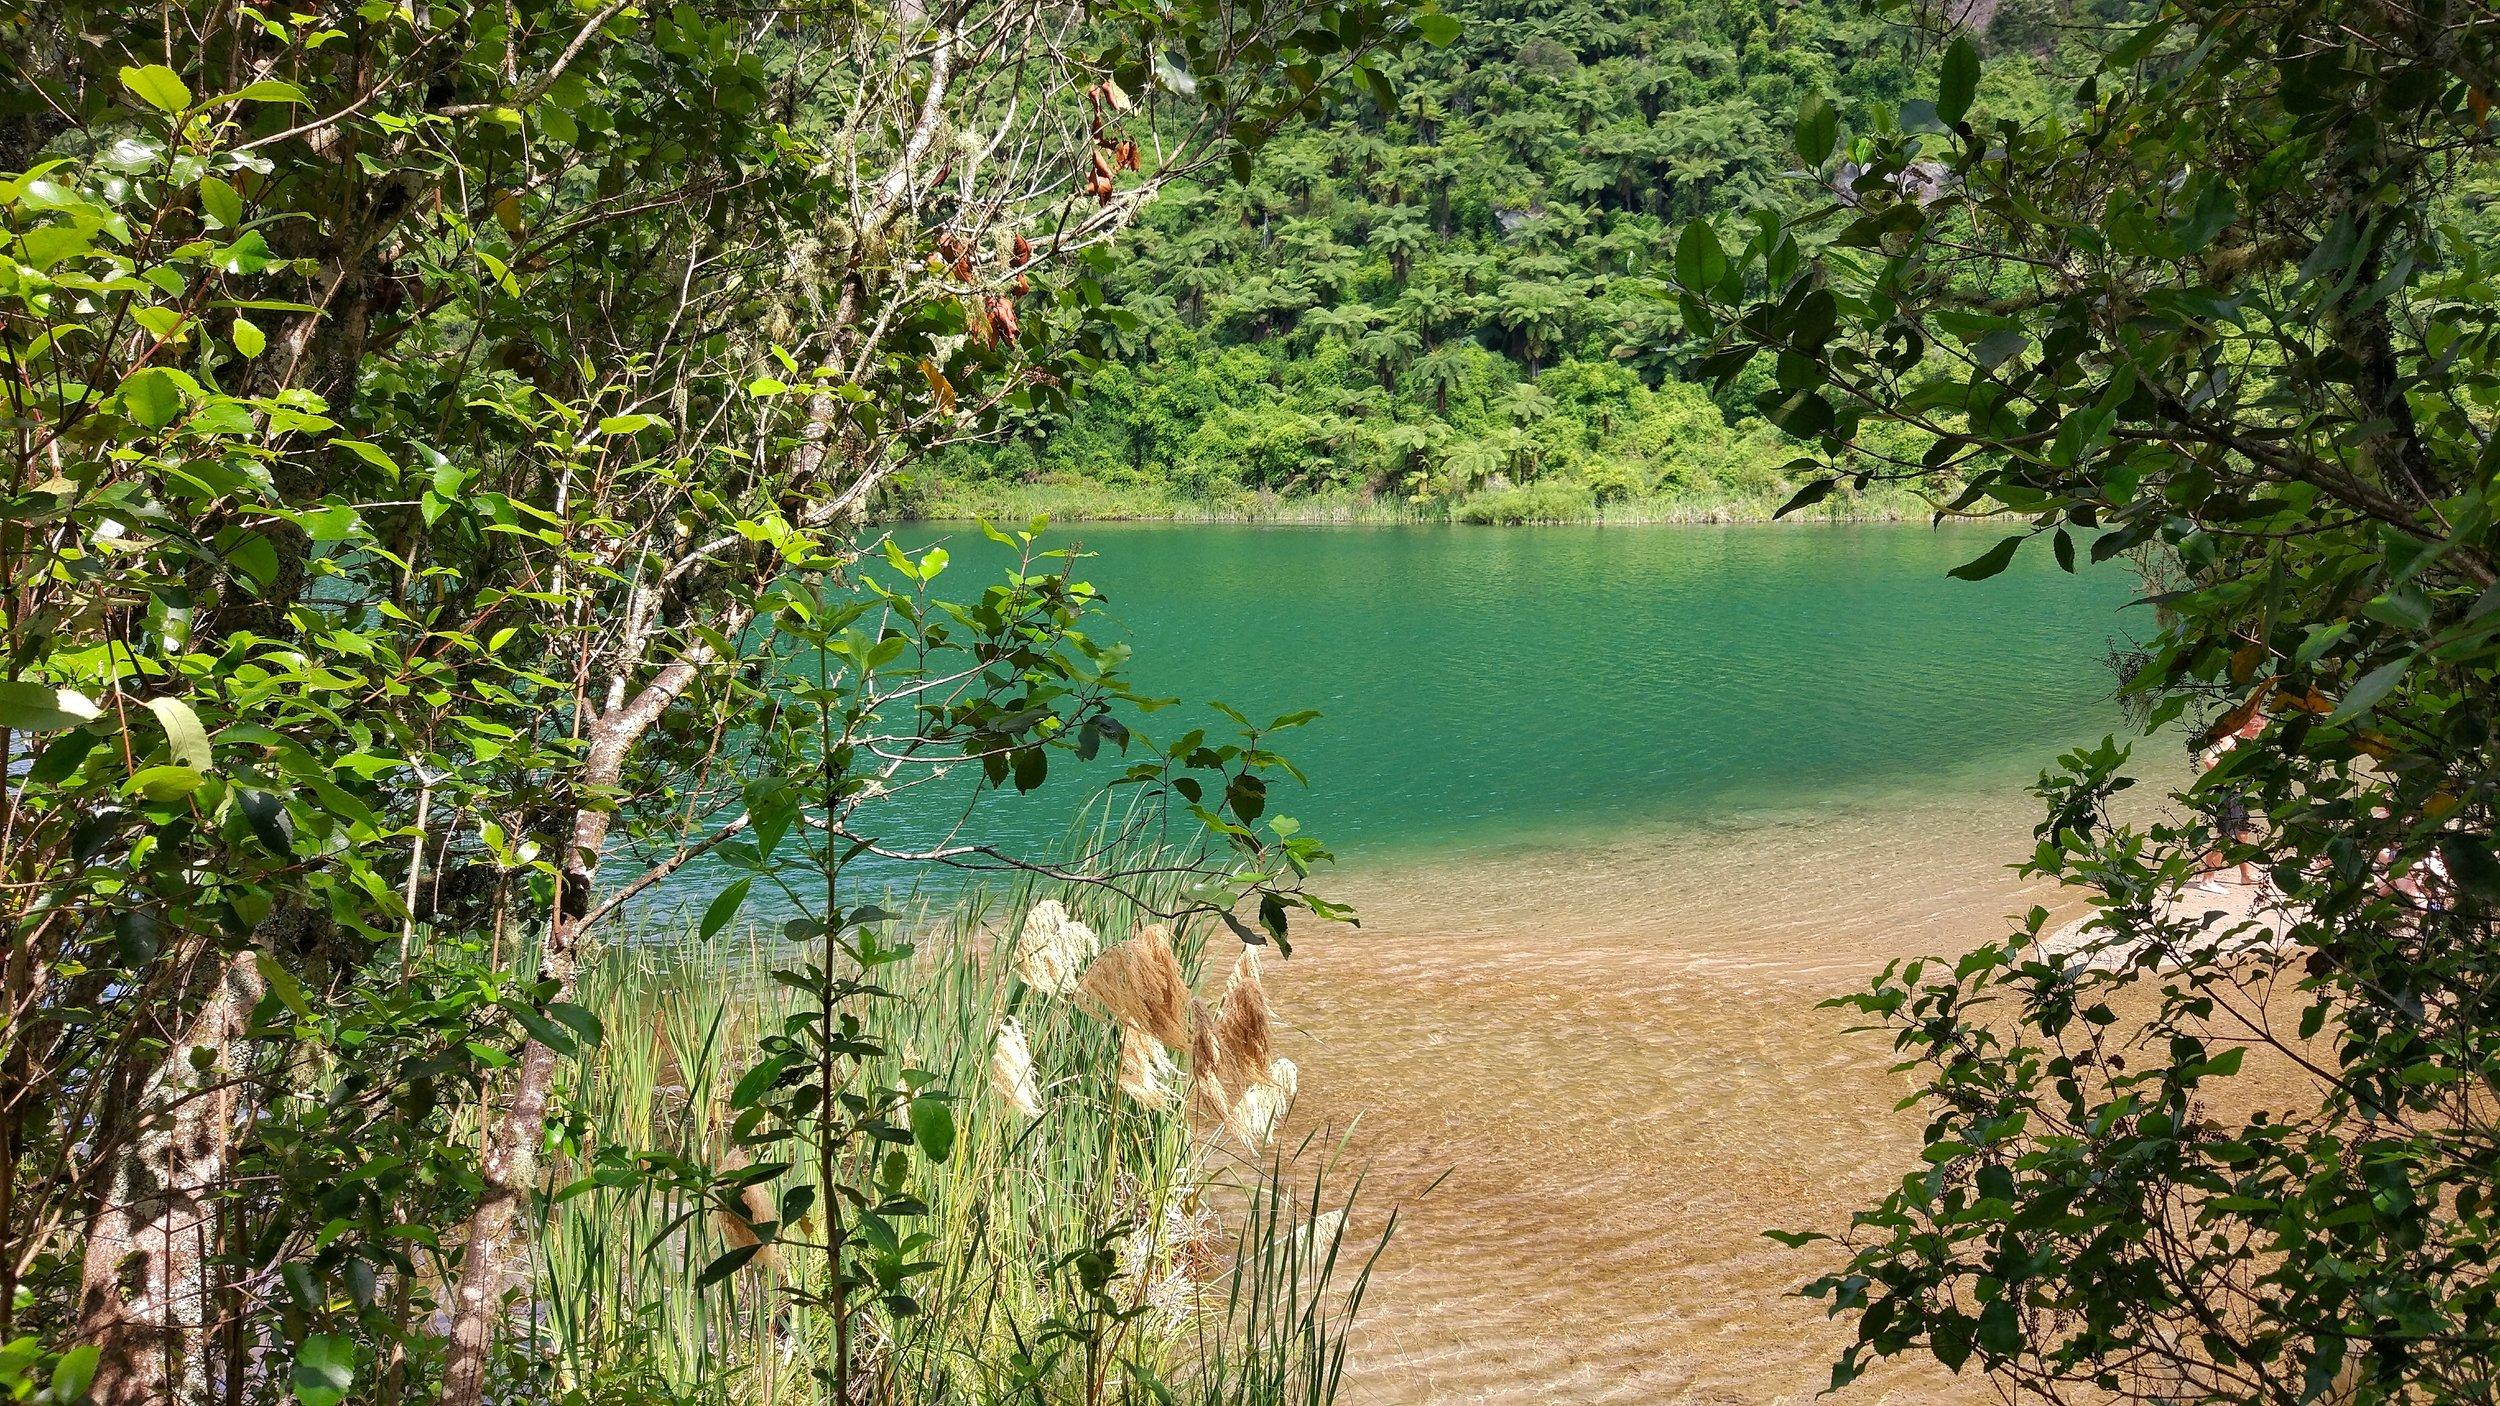 20171222_new_zealand_rotorua_lake_tarawera_trail_sandbank2.jpeg